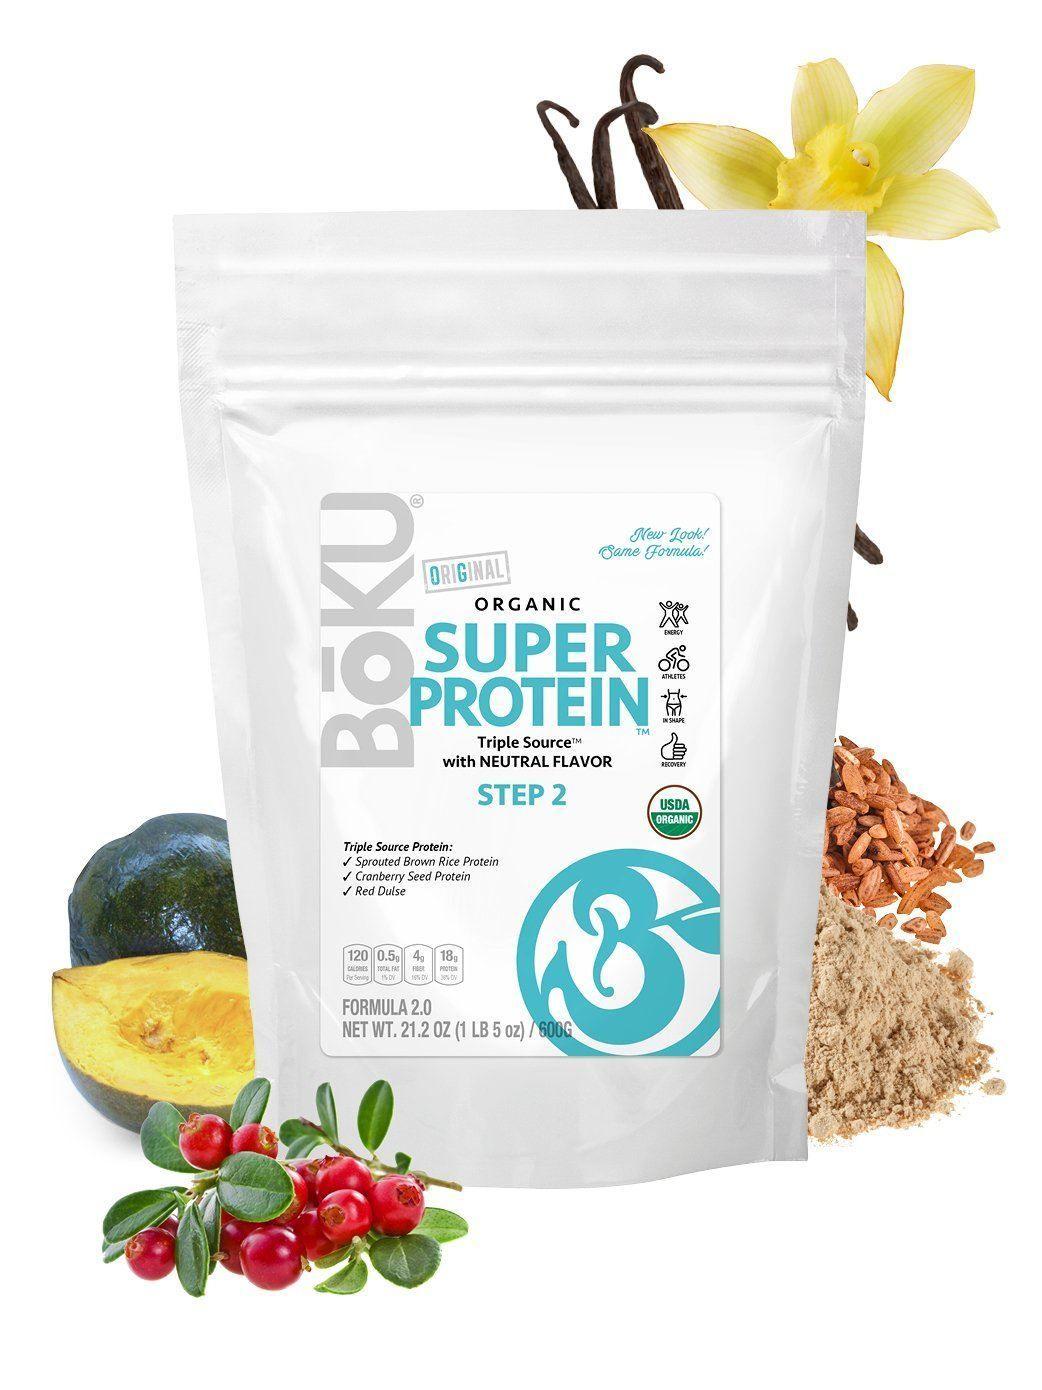 Super Protein Original Vegan Protein Sources Food For Digestion Best Vegan Protein